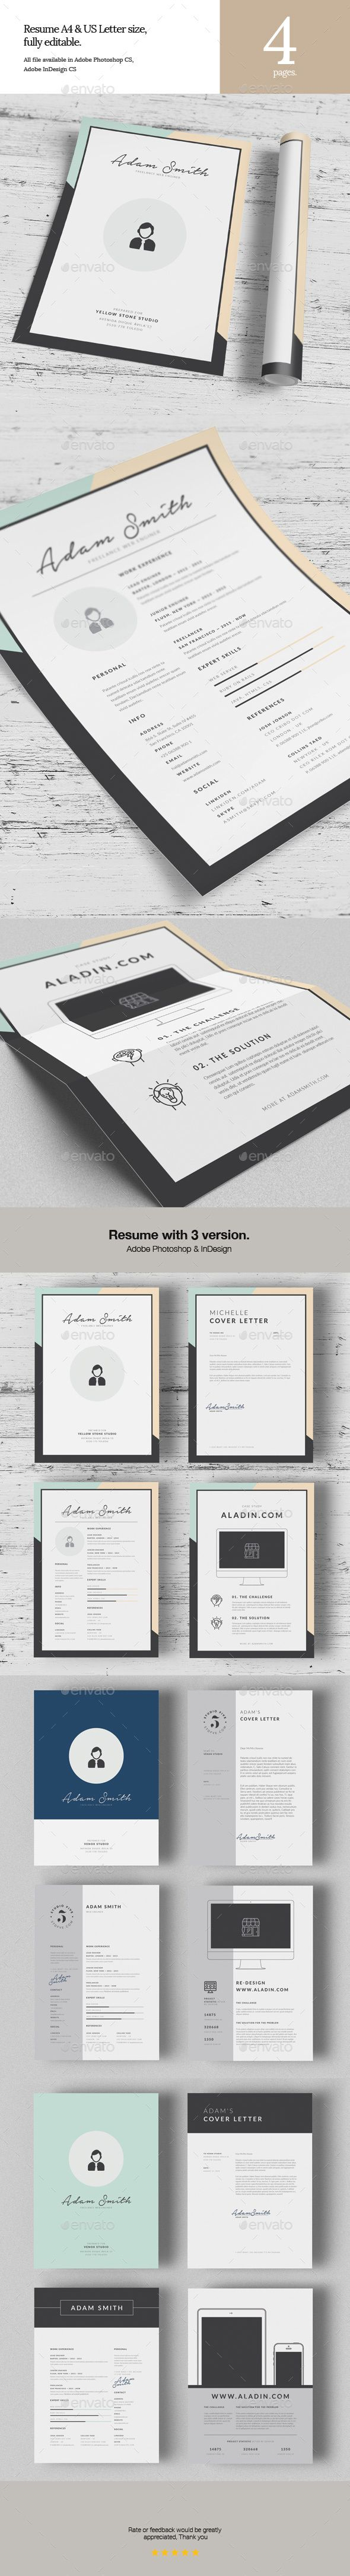 Resume | Colores, Diseño y Diseño de cv